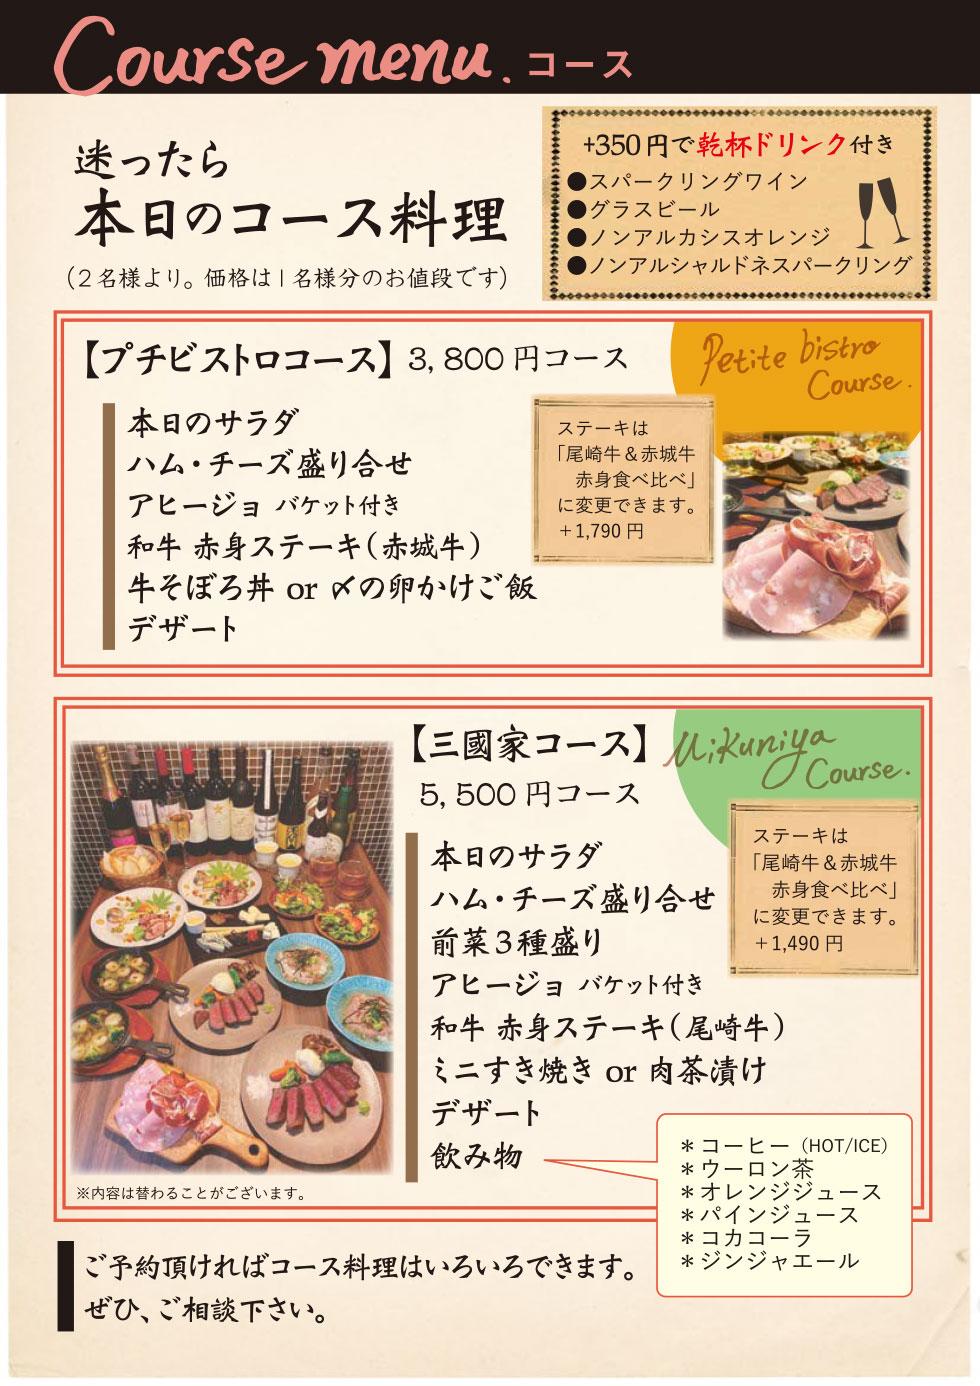 プチビストロコース 3,800円のコース 2名様より価格は1名様のお値段です。  プチビストロコース 3,800円のコース      本日のサラダ     ハム・チーズ盛り合わせ     アヒージョ バケット付き     和牛 赤身ステーキ(赤城牛)     牛そぼろ丼 or 〆の卵かけご飯     デザート  ※ステーキは「尾崎牛&赤城牛赤身食べ比べ」に変更できます。 +1,790円 +350円で乾杯ドリンク付き      スパークリングワイン     グラスビール     ノンアルカシスオレンジ     ノンアルシャルドネスパークリング  三國家コース 5,500円 2名様より価格は1名様のお値段です。  三國家コース 5,500円      本日のサラダ     ハム・チーズ盛り合わせ     前菜3種盛り     アヒージョ バケット付き     和牛 赤身ステーキ(尾崎牛)     ミニすき焼き or 肉茶漬け     デザート     飲み物     ・コーヒー(HOT/ICE)・ウーロン茶・オレンジジュース     ・パインジュース・コカコーラ・ジンジャーエール  ※ステーキは「尾崎牛&赤城牛赤身食べ比べ」に変更できます。 +1,490円 ※内容は替わることがございます。 +350円で乾杯ドリンク付き      スパークリングワイン     グラスビール     ノンアルカシスオレンジ     ノンアルシャルドネスパークリング  ご予約頂ければコース料理はいろいろできます。 ぜひ、ご相談ください。